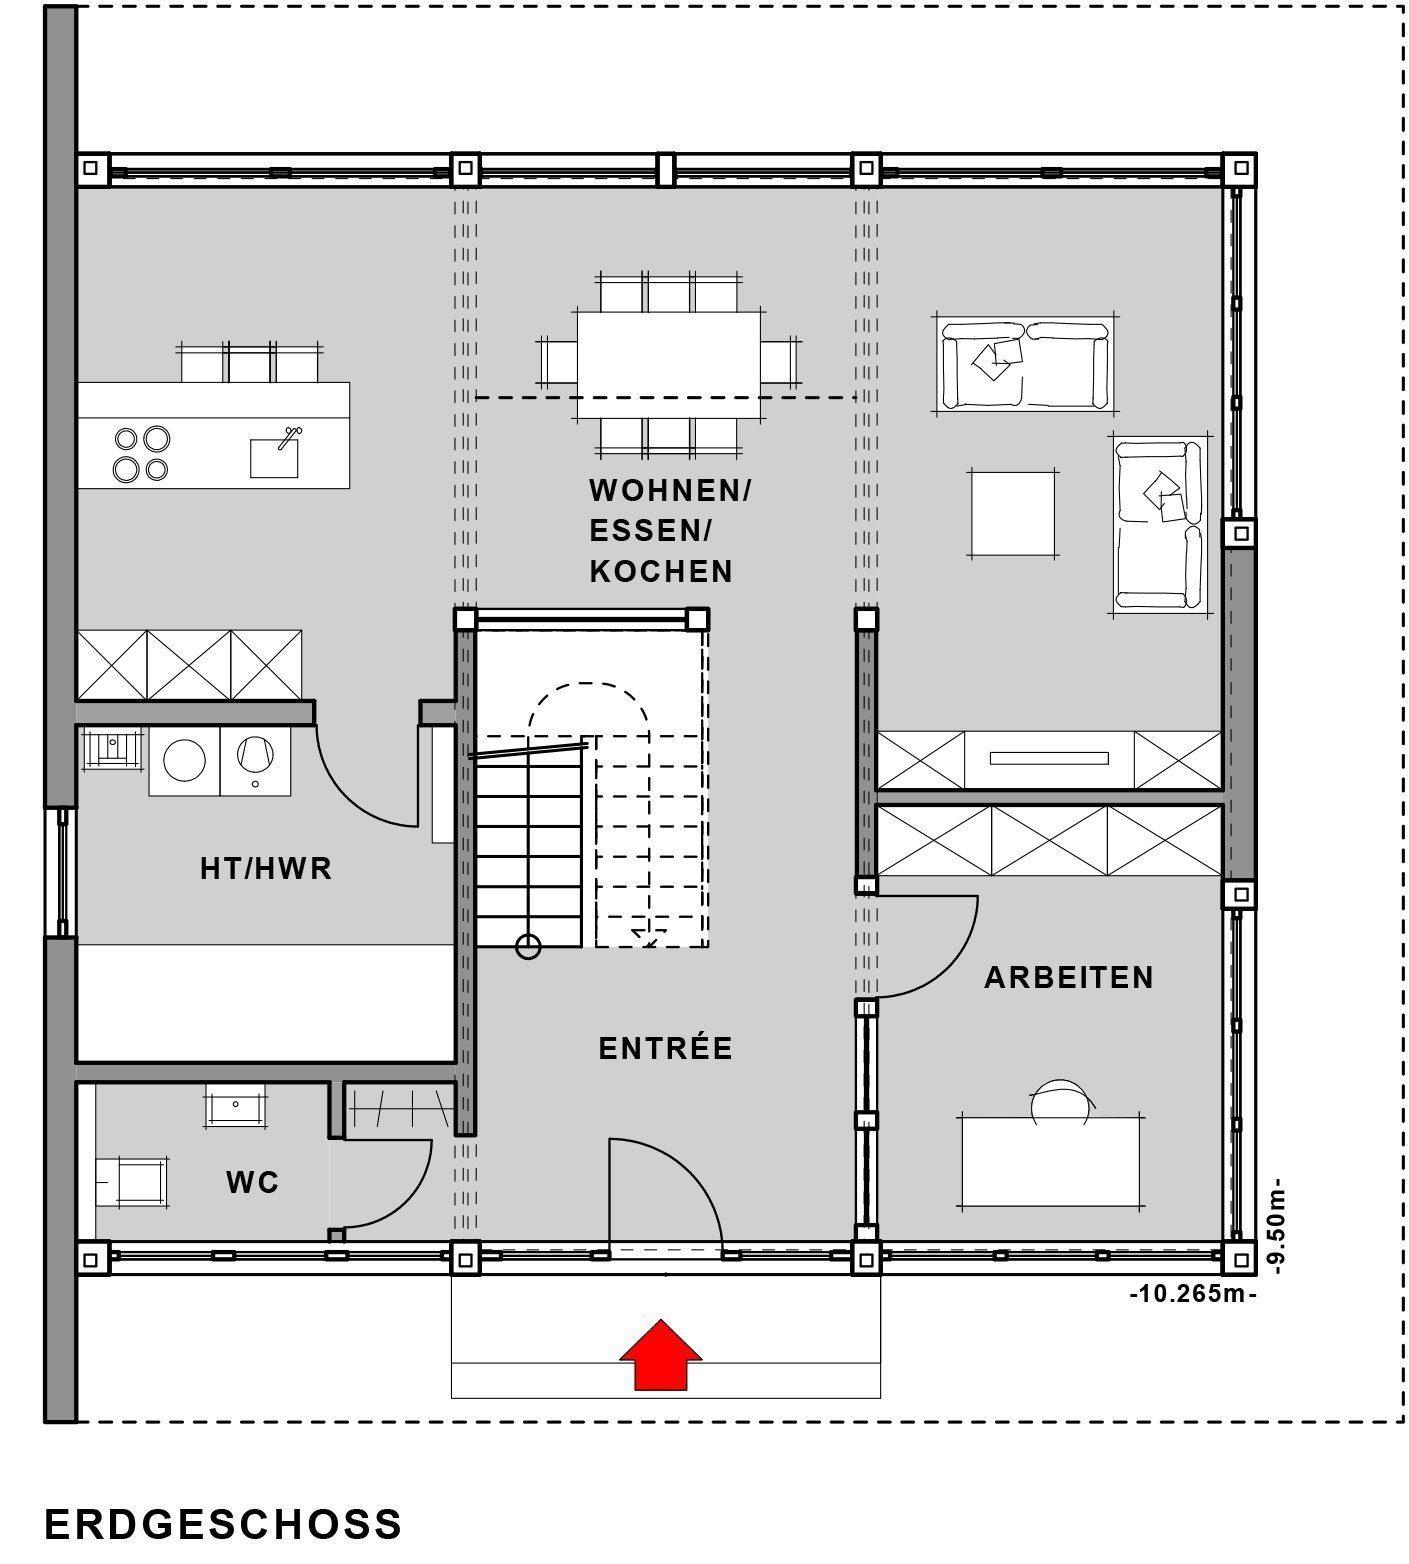 Musterhaus Fusion - Eine Nahaufnahme von einer Karte - Meisterstück-HAUS Vertriebs GmbH